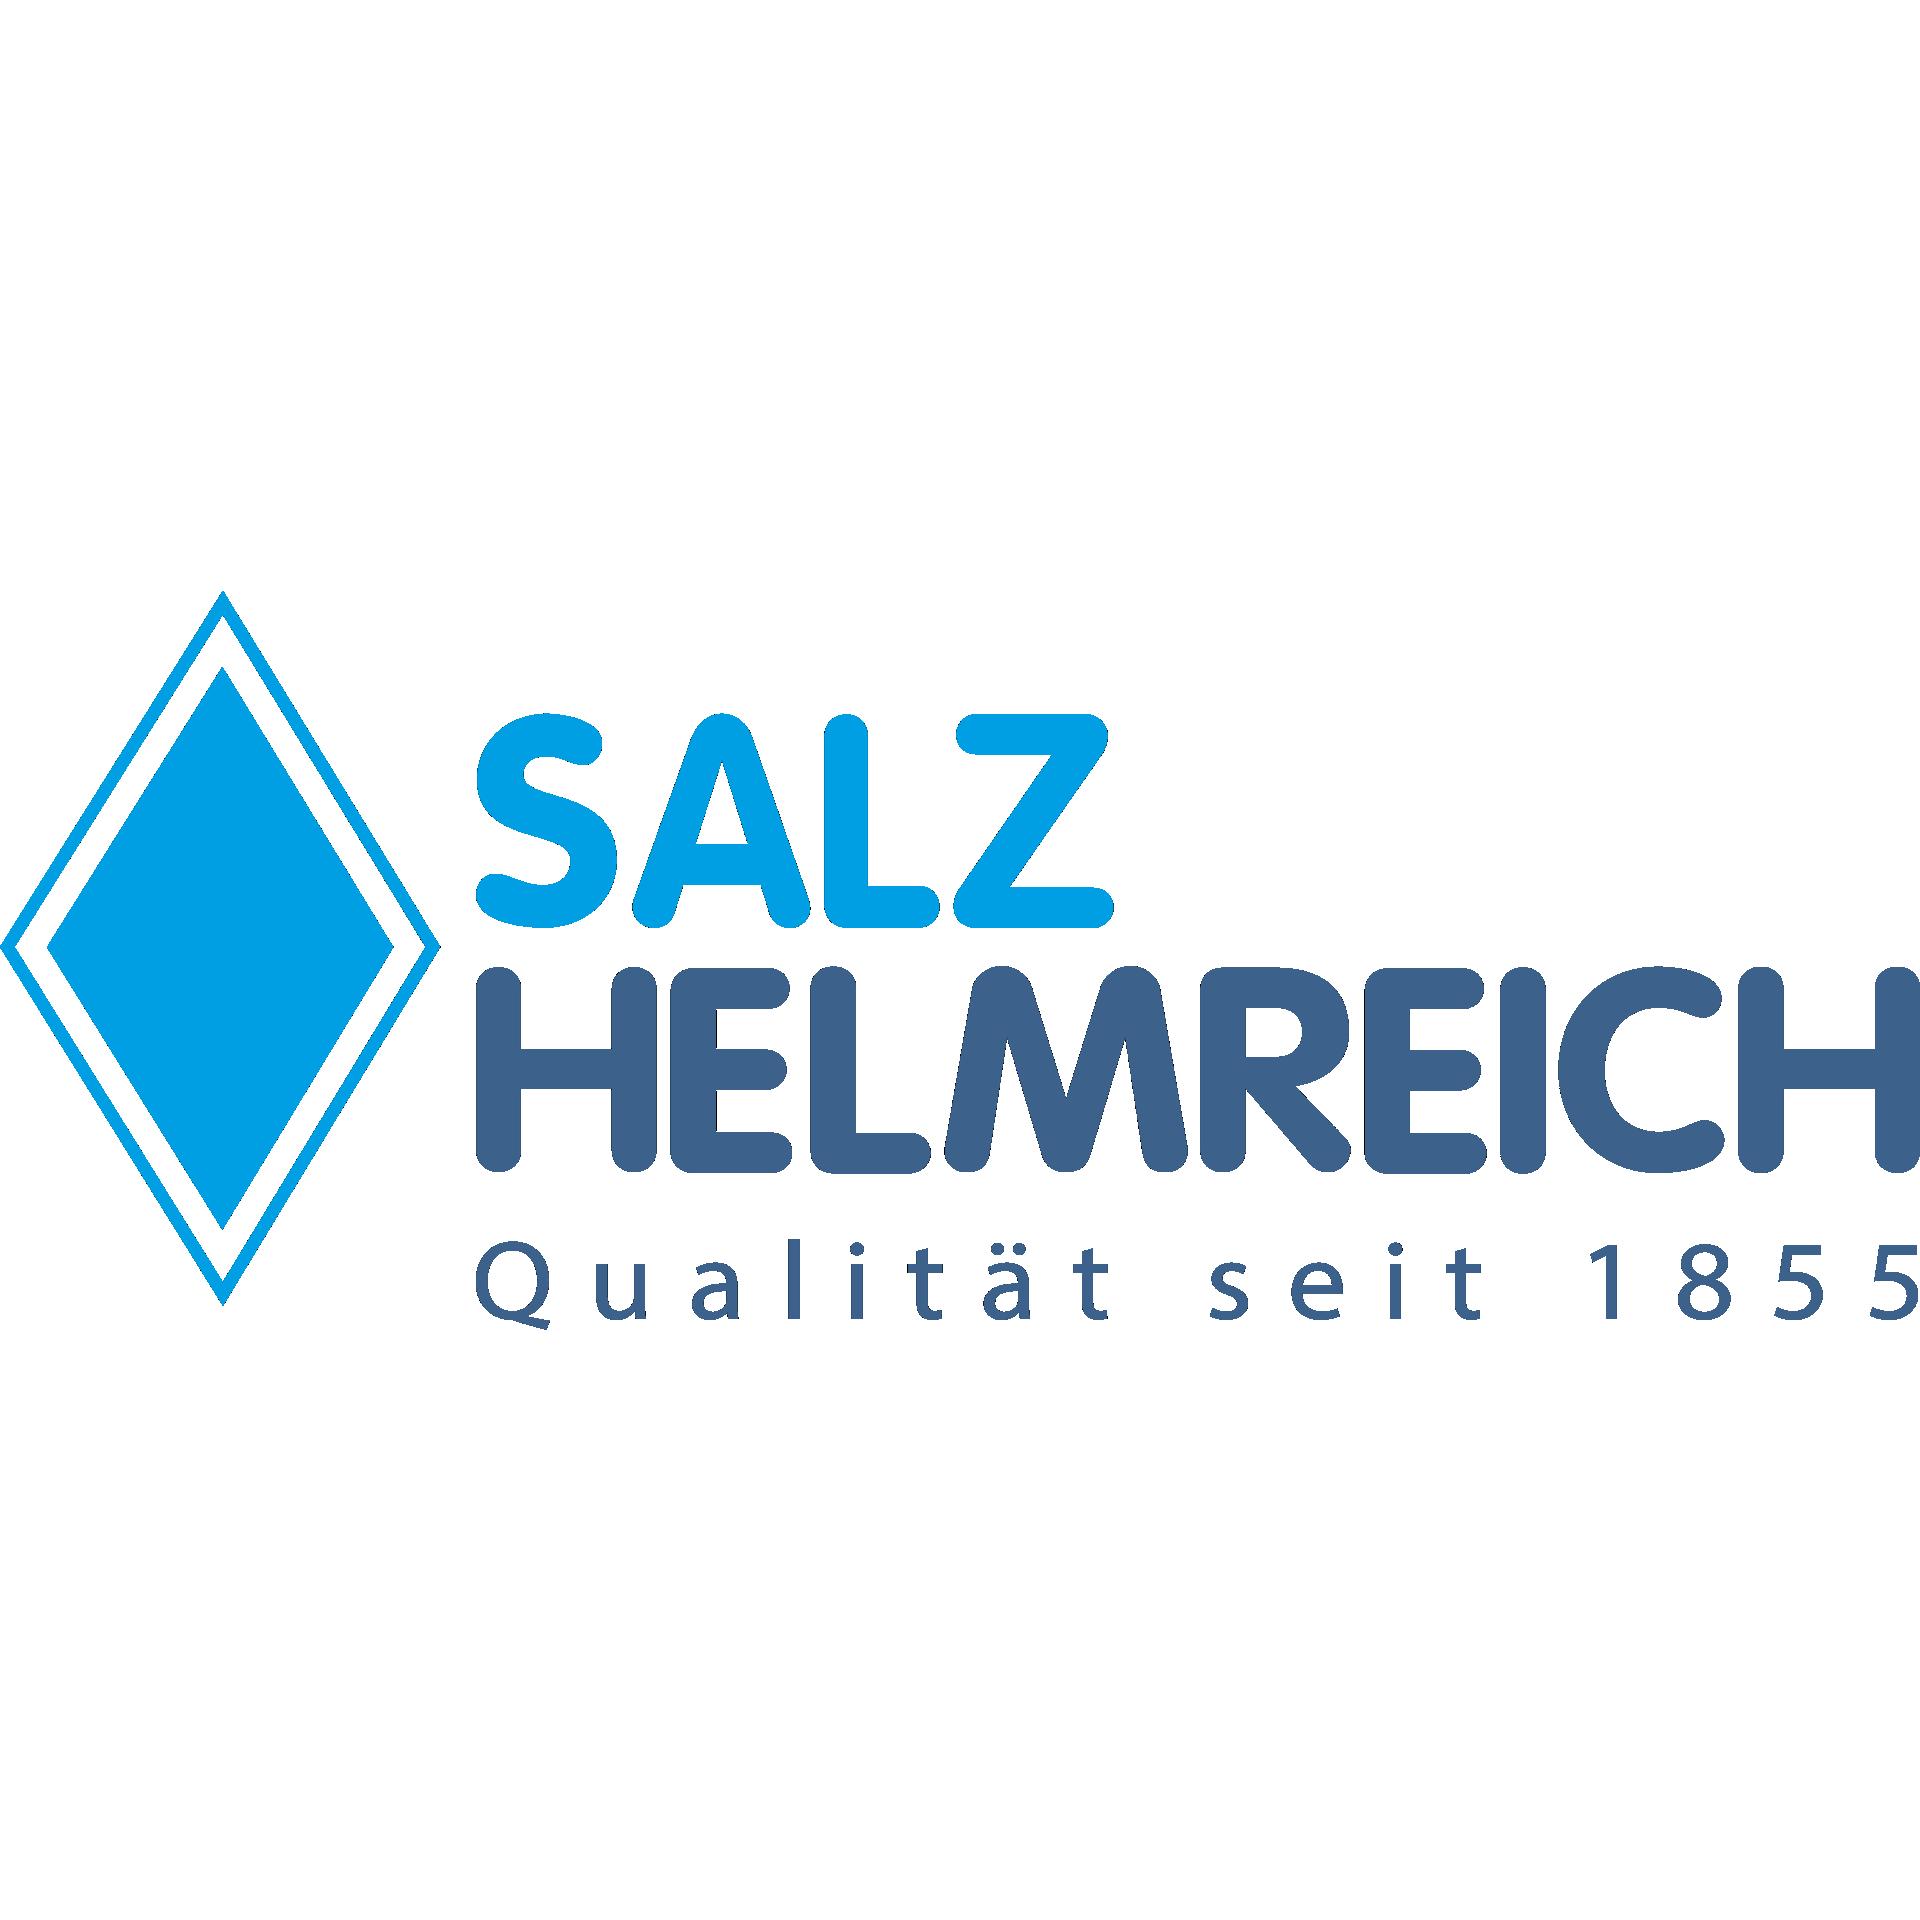 Stein - Einzelfuttermittel Viehsalz 0,8-2,3 mm im 25 kg Sack